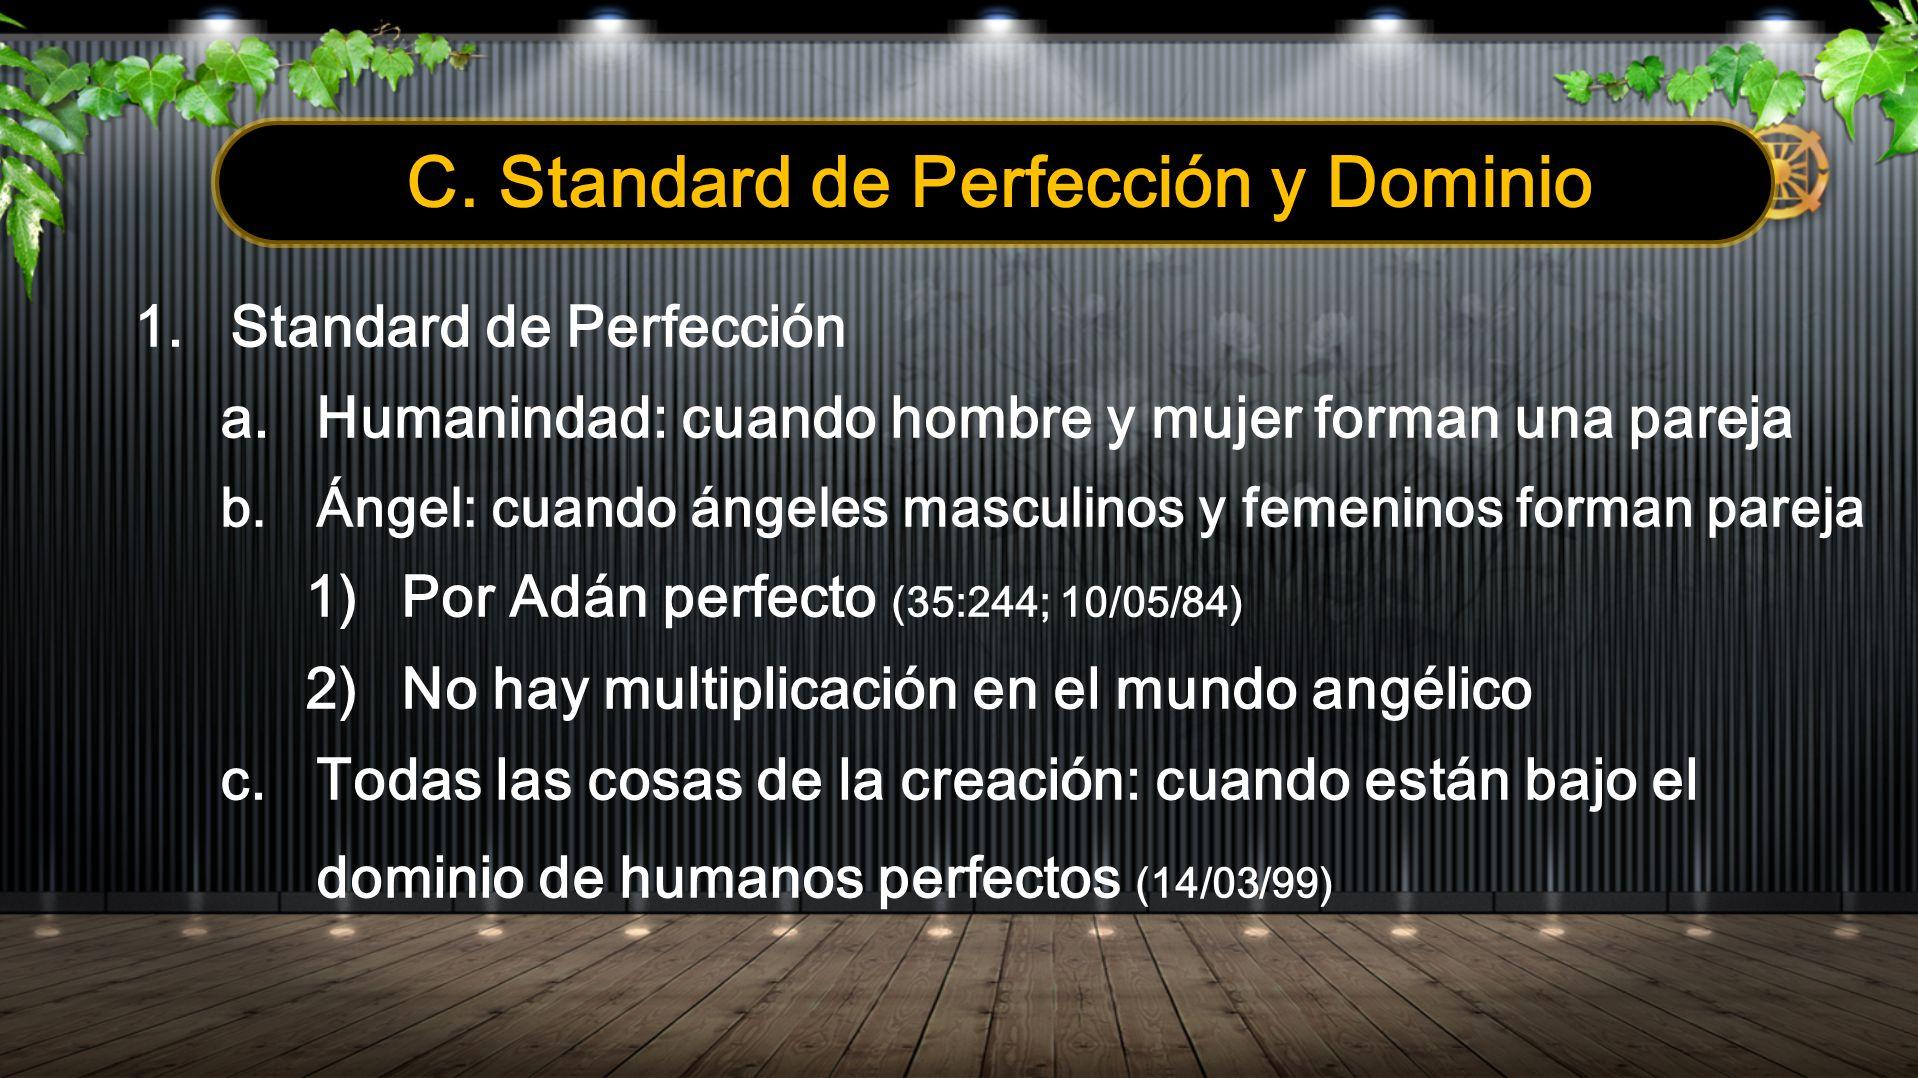 C. Standard de Perfección y Dominio